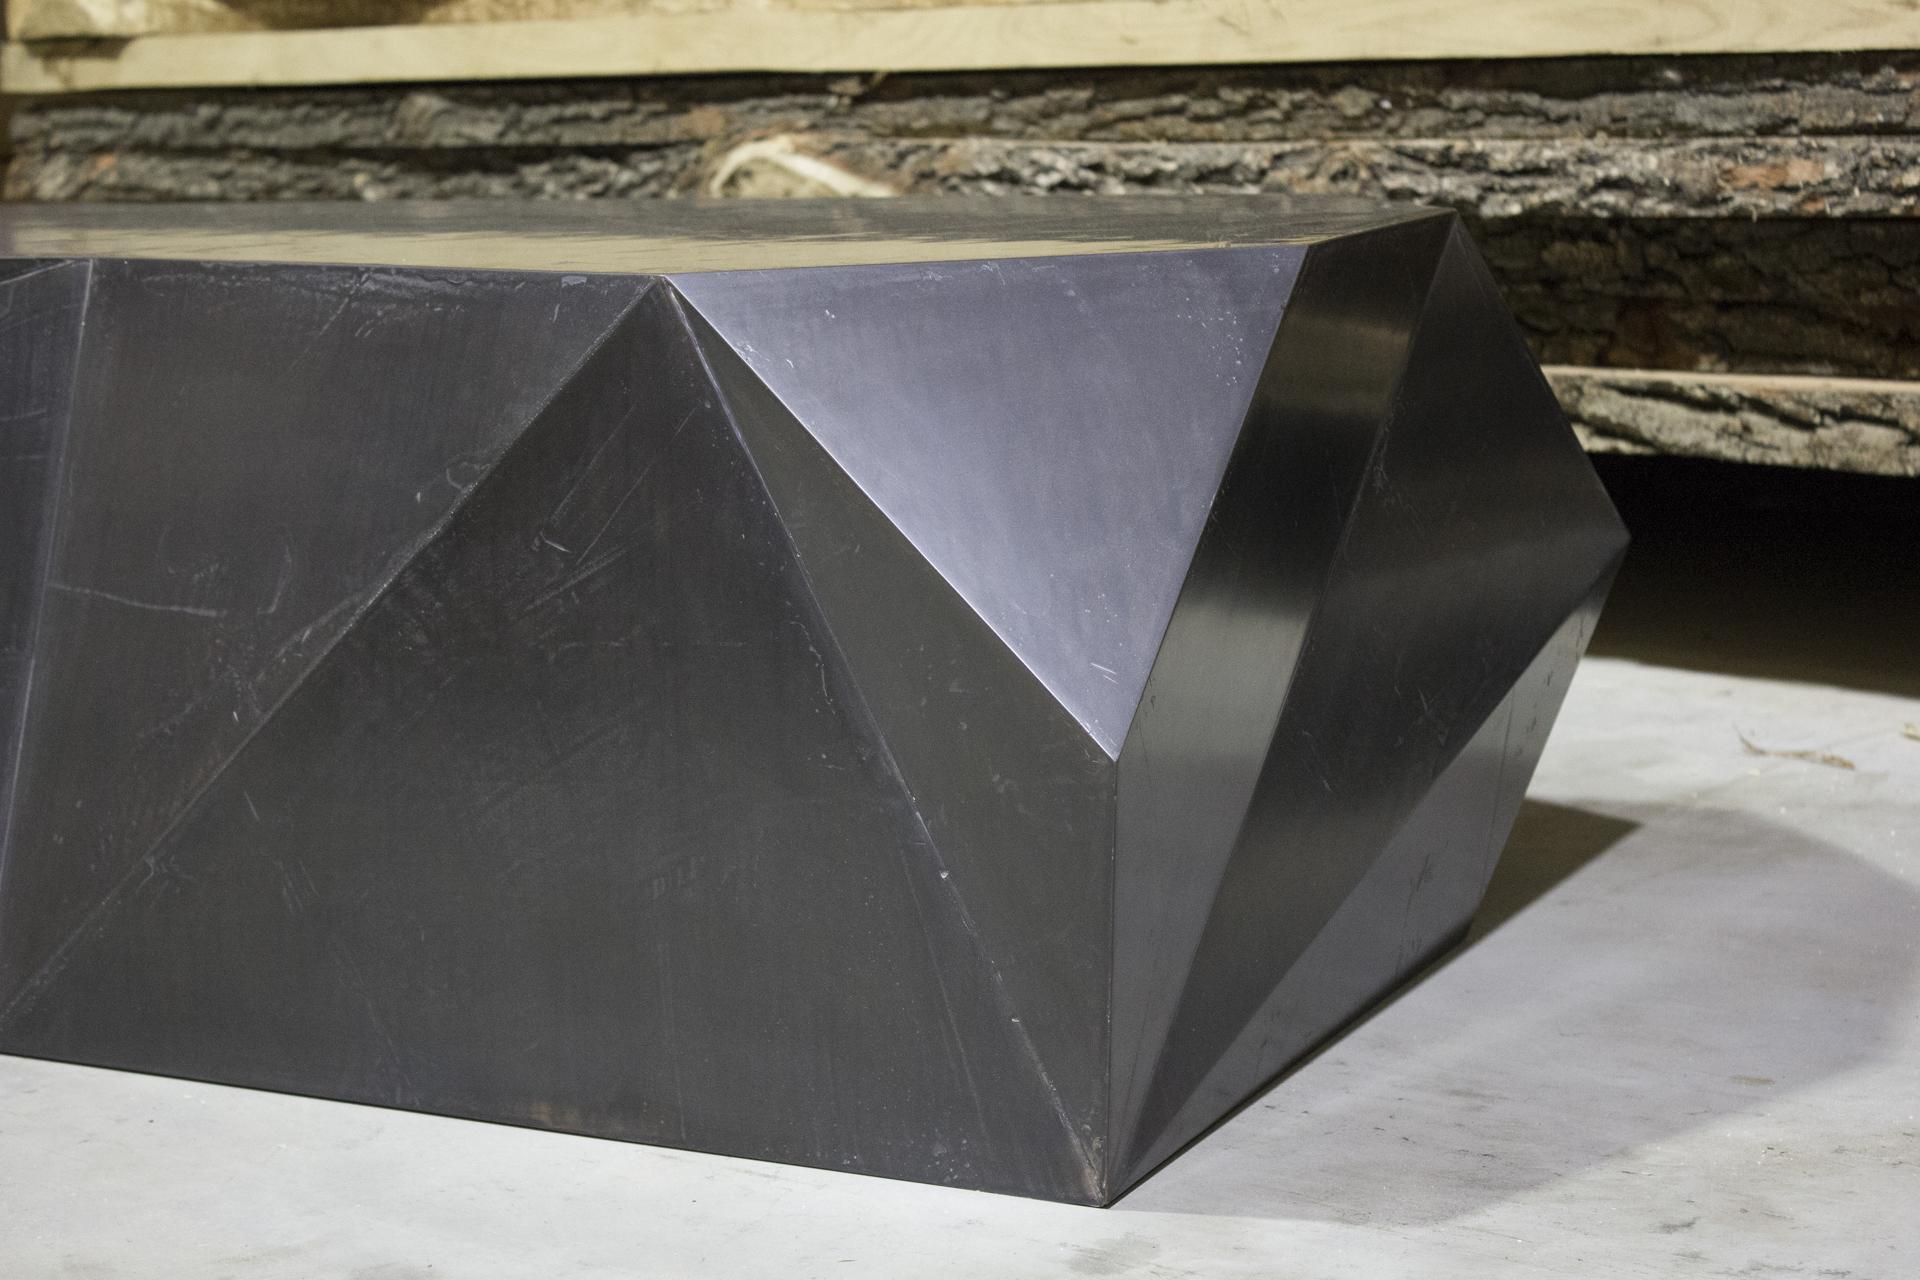 tischlerei-decker-couchtisch-metalloberflaeche